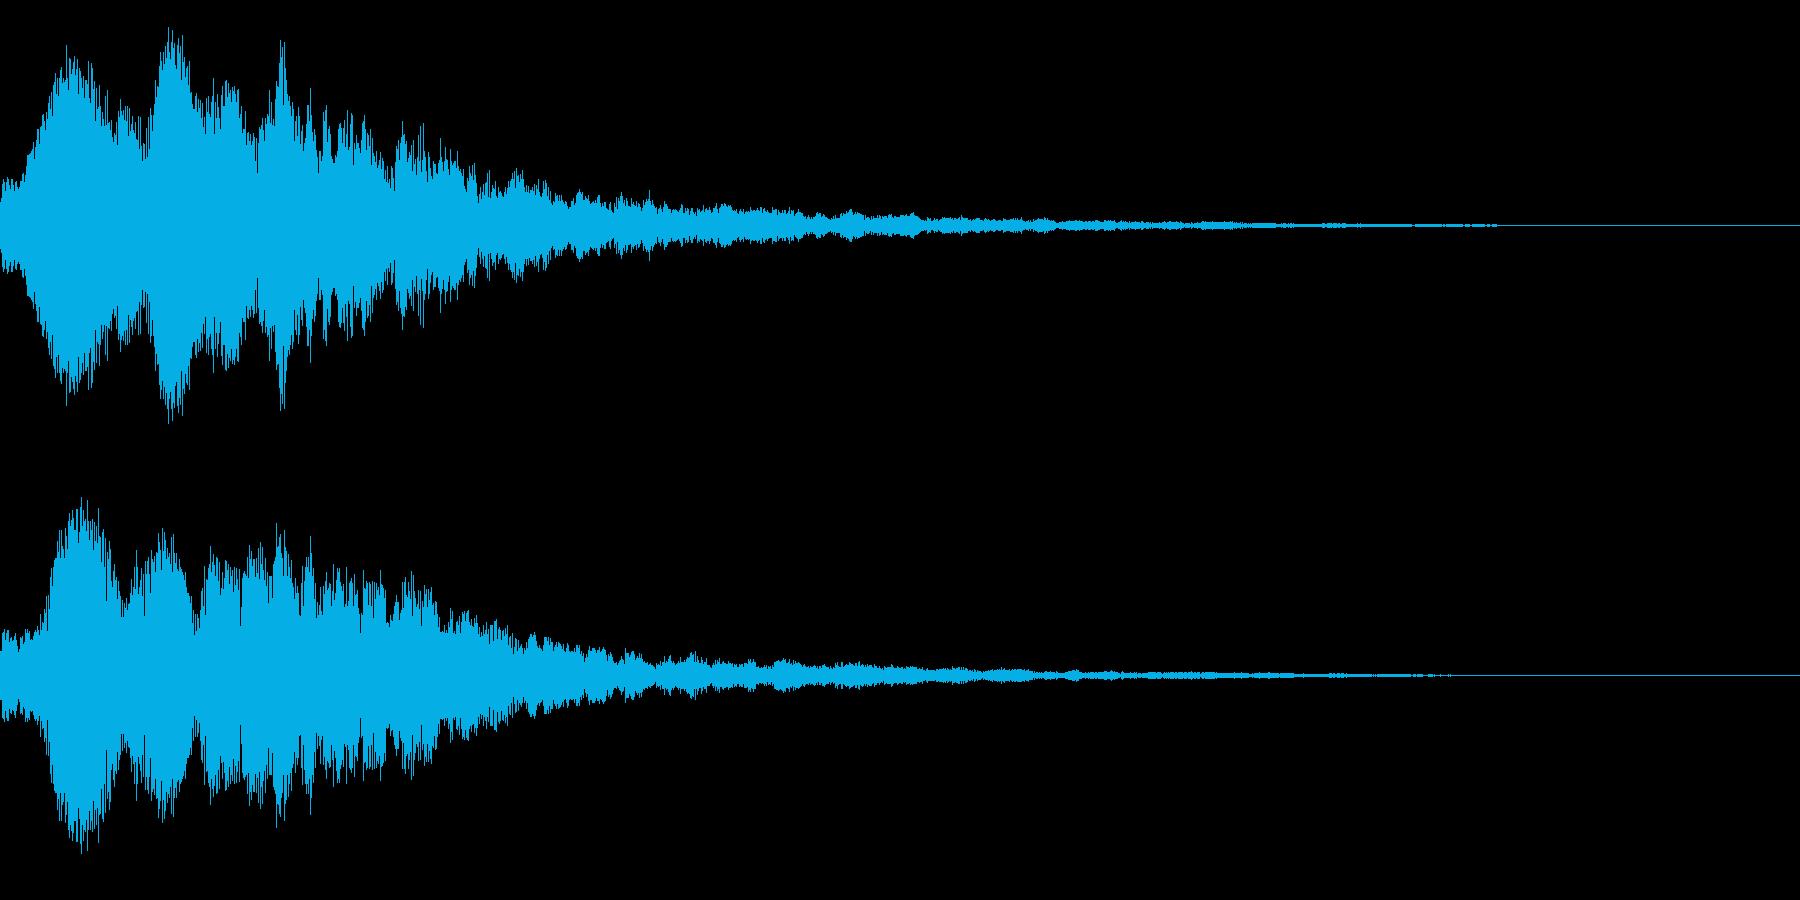 明るいテロップ音 ボタン音 決定音!06の再生済みの波形